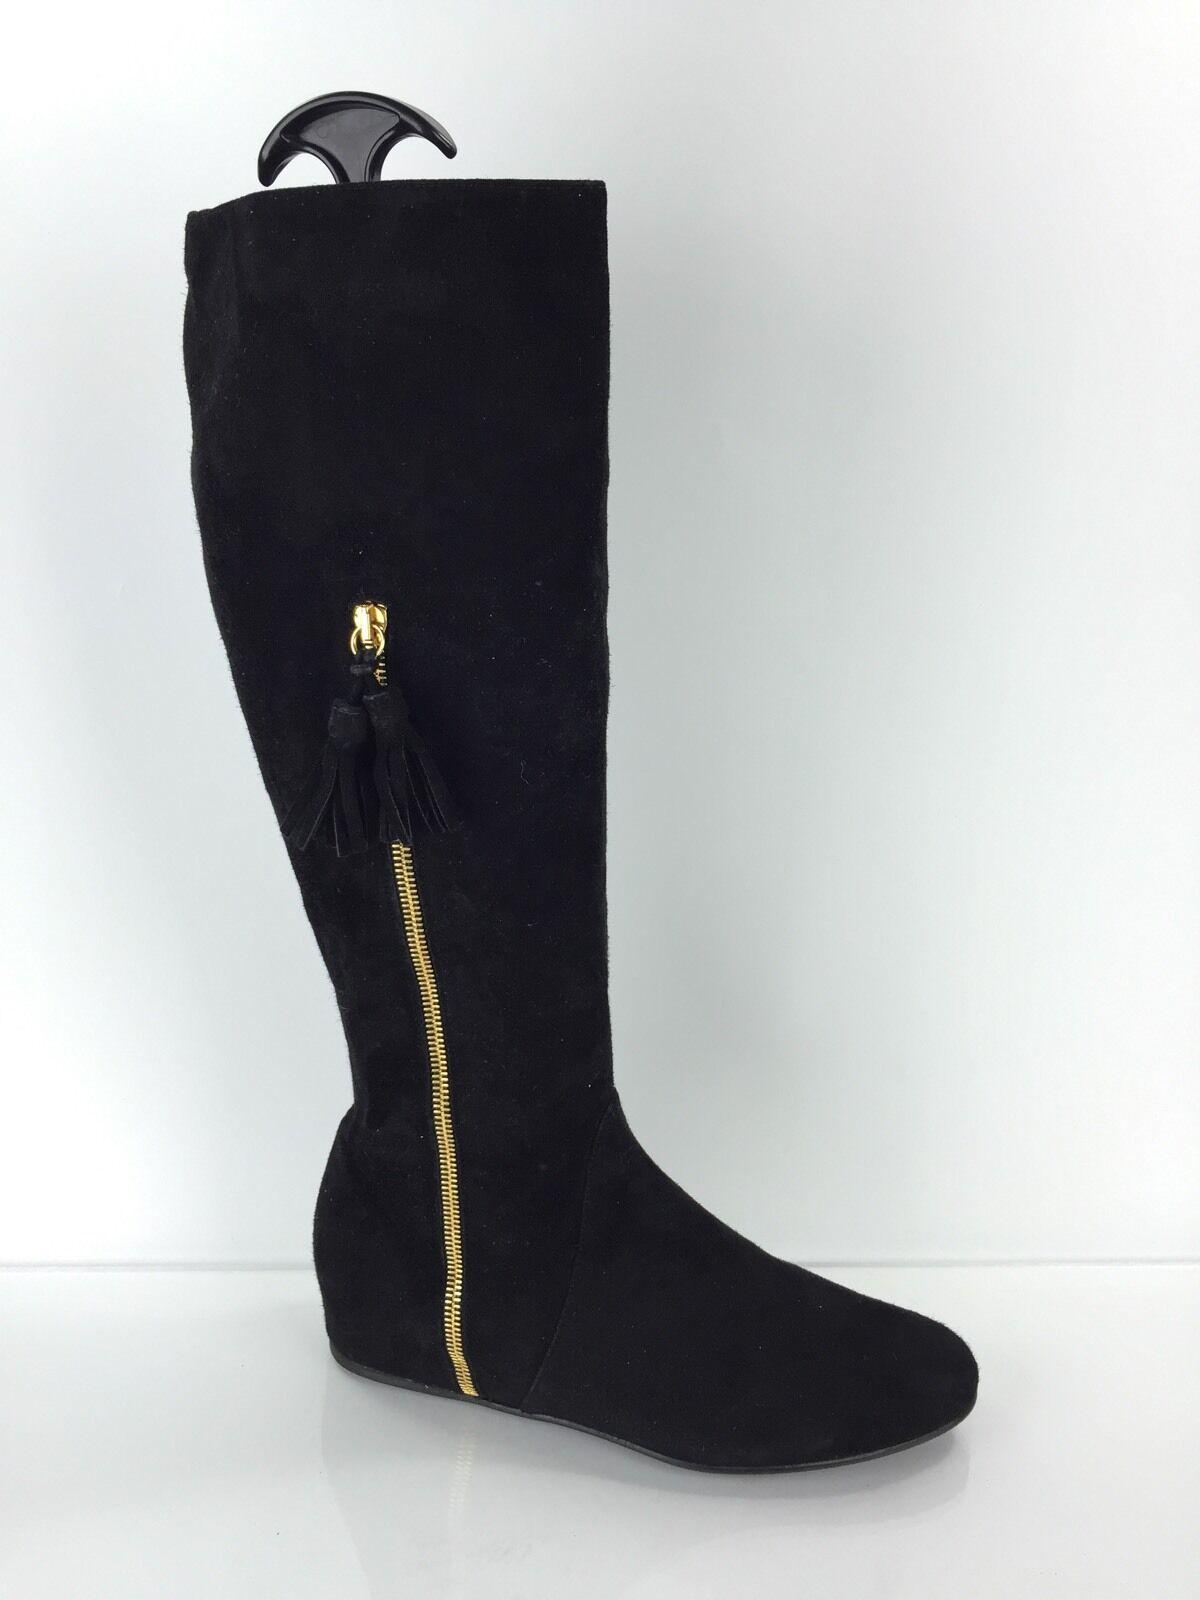 Stuart Weitzman Women's Black Knee Boots 7 M